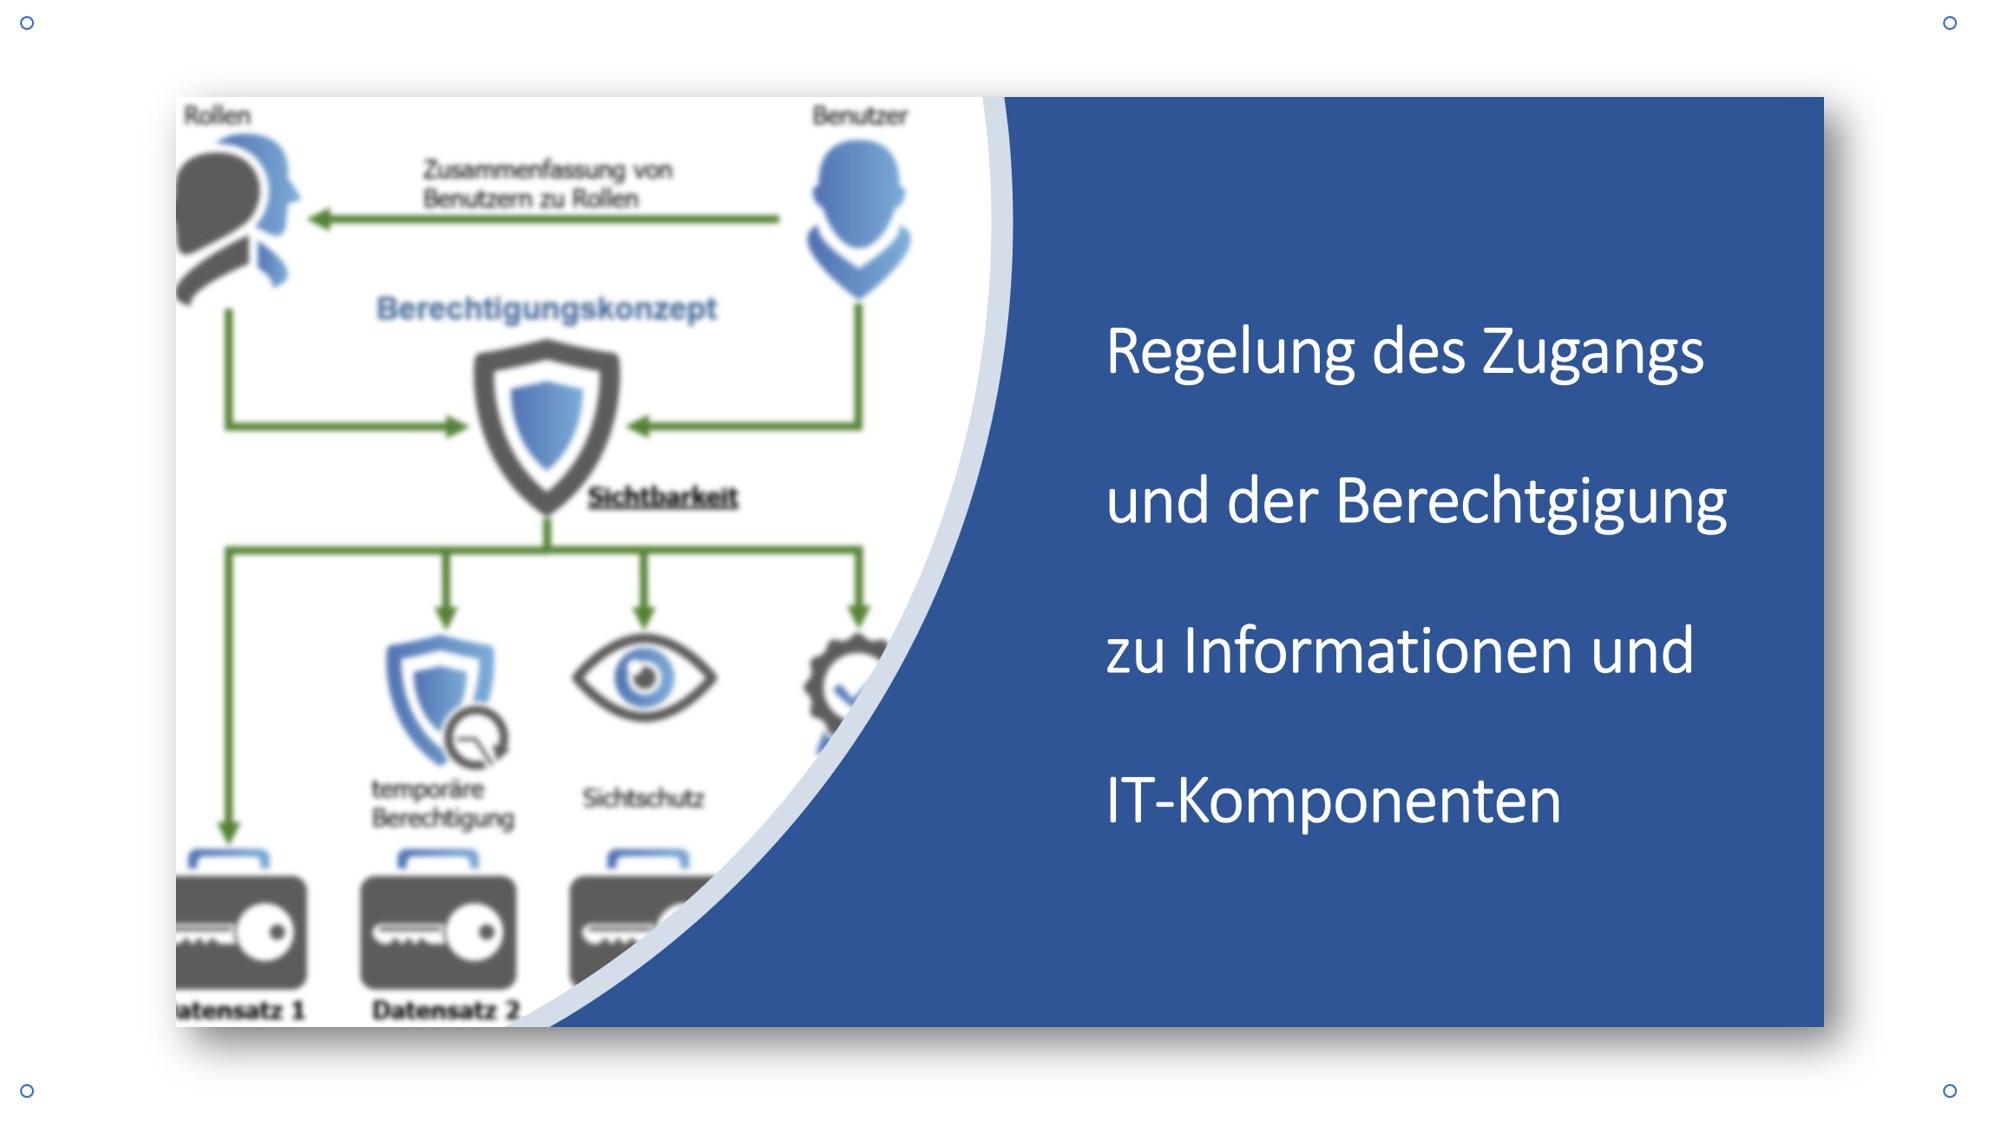 IT-Basissicherheit_Berechtigungskonzept